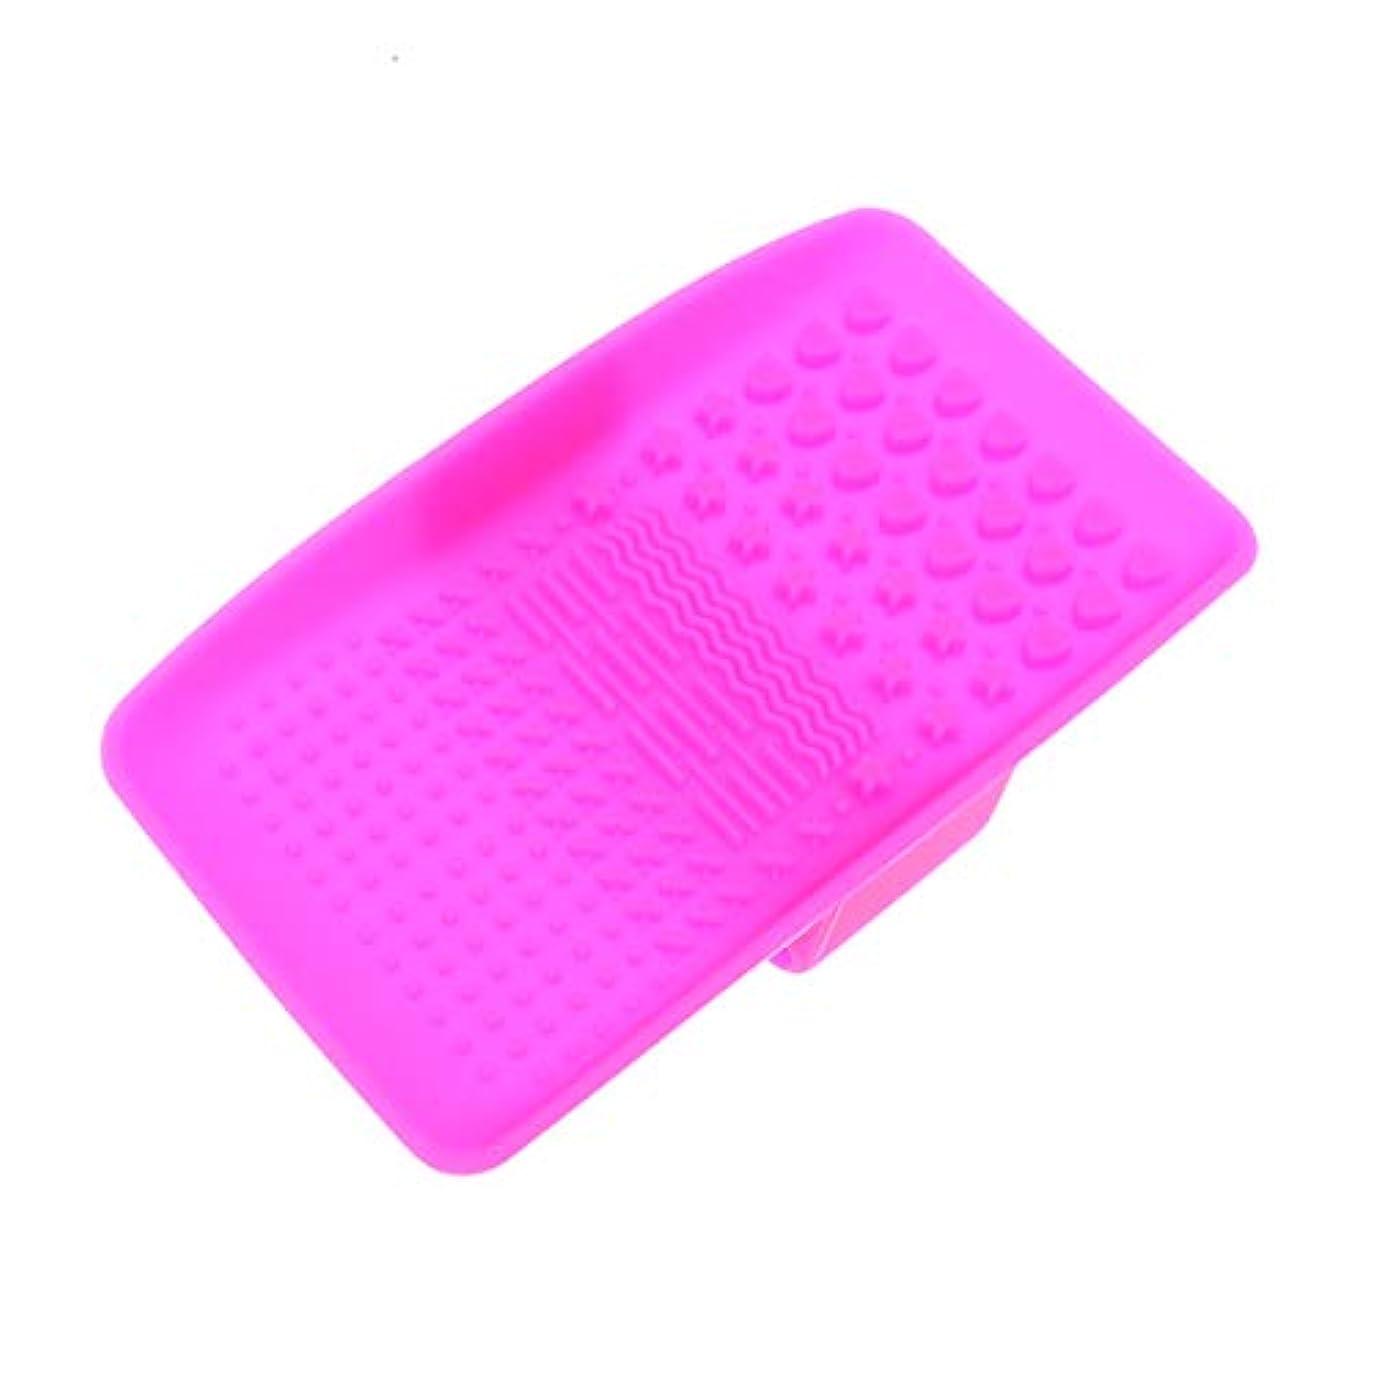 忌まわしい時計領域Beaupretty 吸引ブラシが付いているシリコーンのブラシのクリーニングのマットの携帯用化粧品のブラシの洗剤